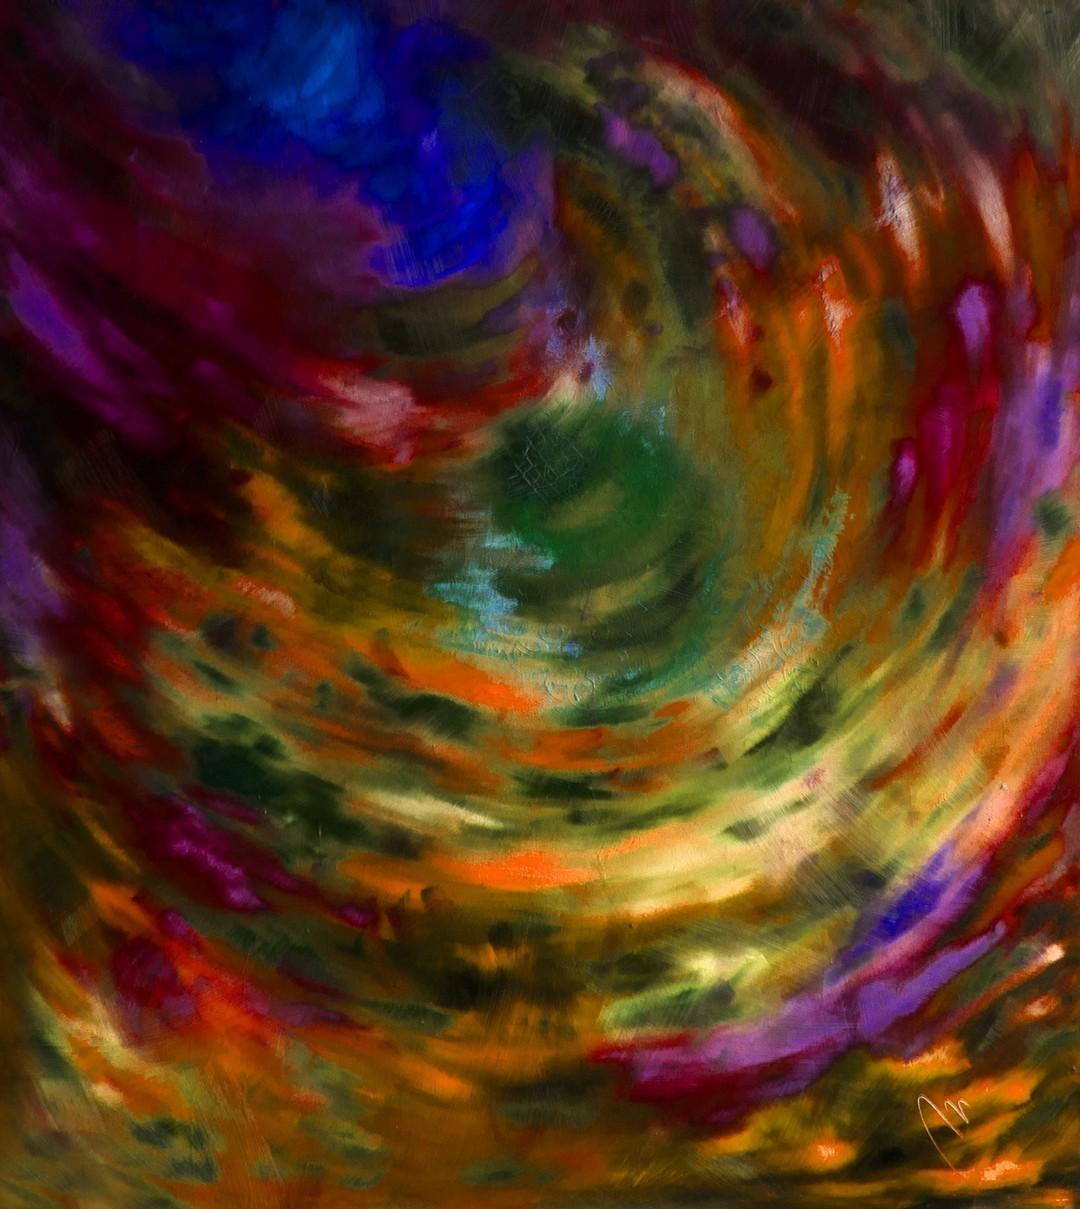 Tajemství - olej na sololitu - 138 x 123 cm - r. 2008, barva 4